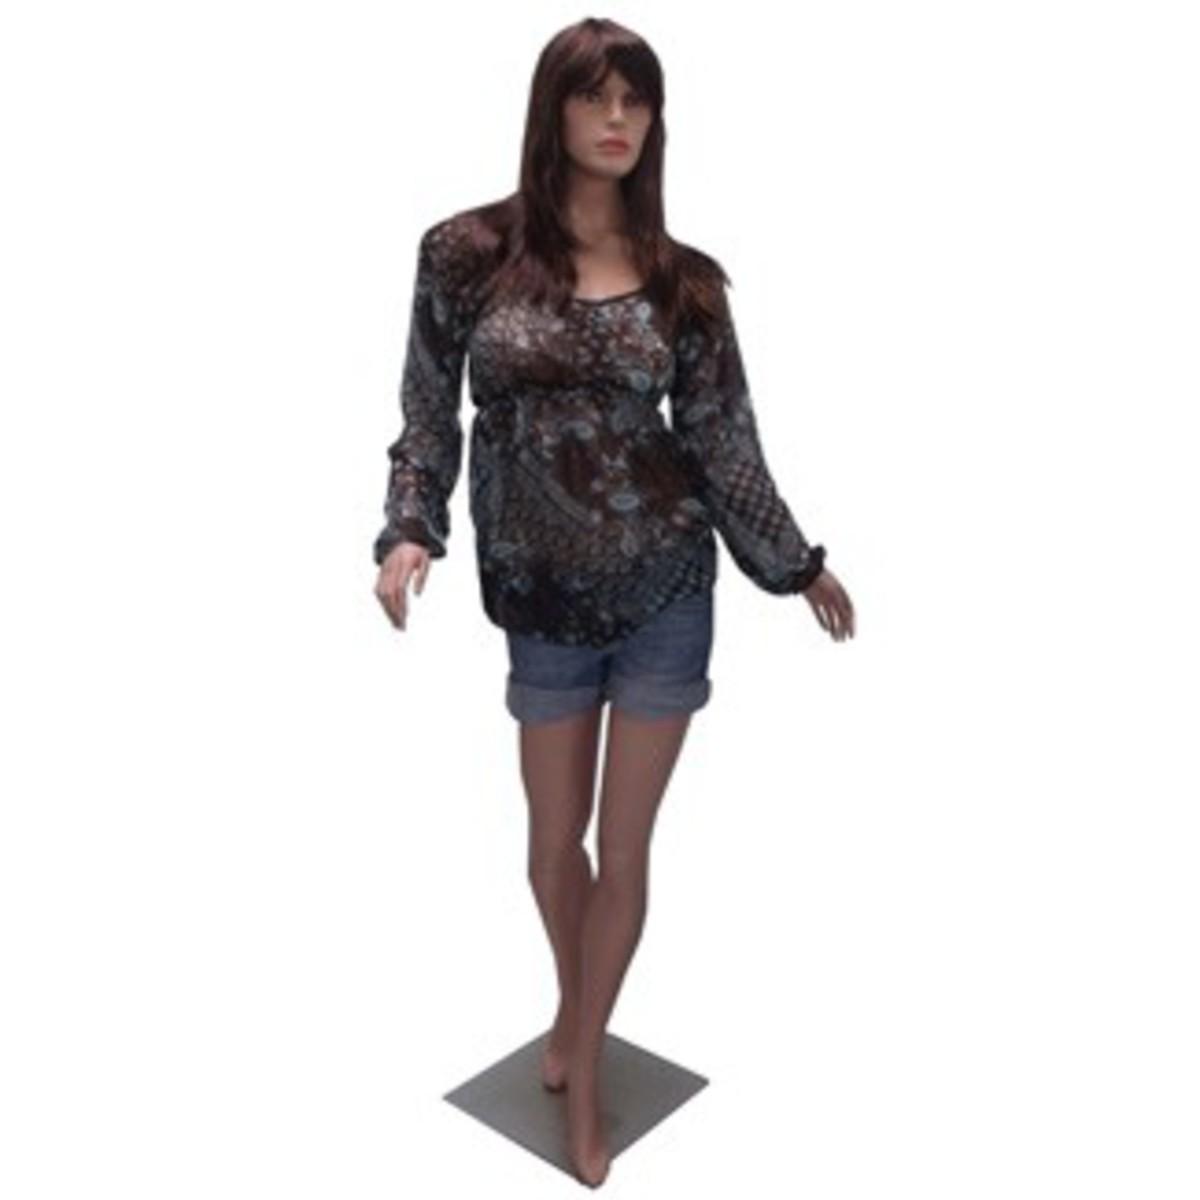 Bild 1 von Mauk Schaufensterpuppe weiblich, ohne Perücke